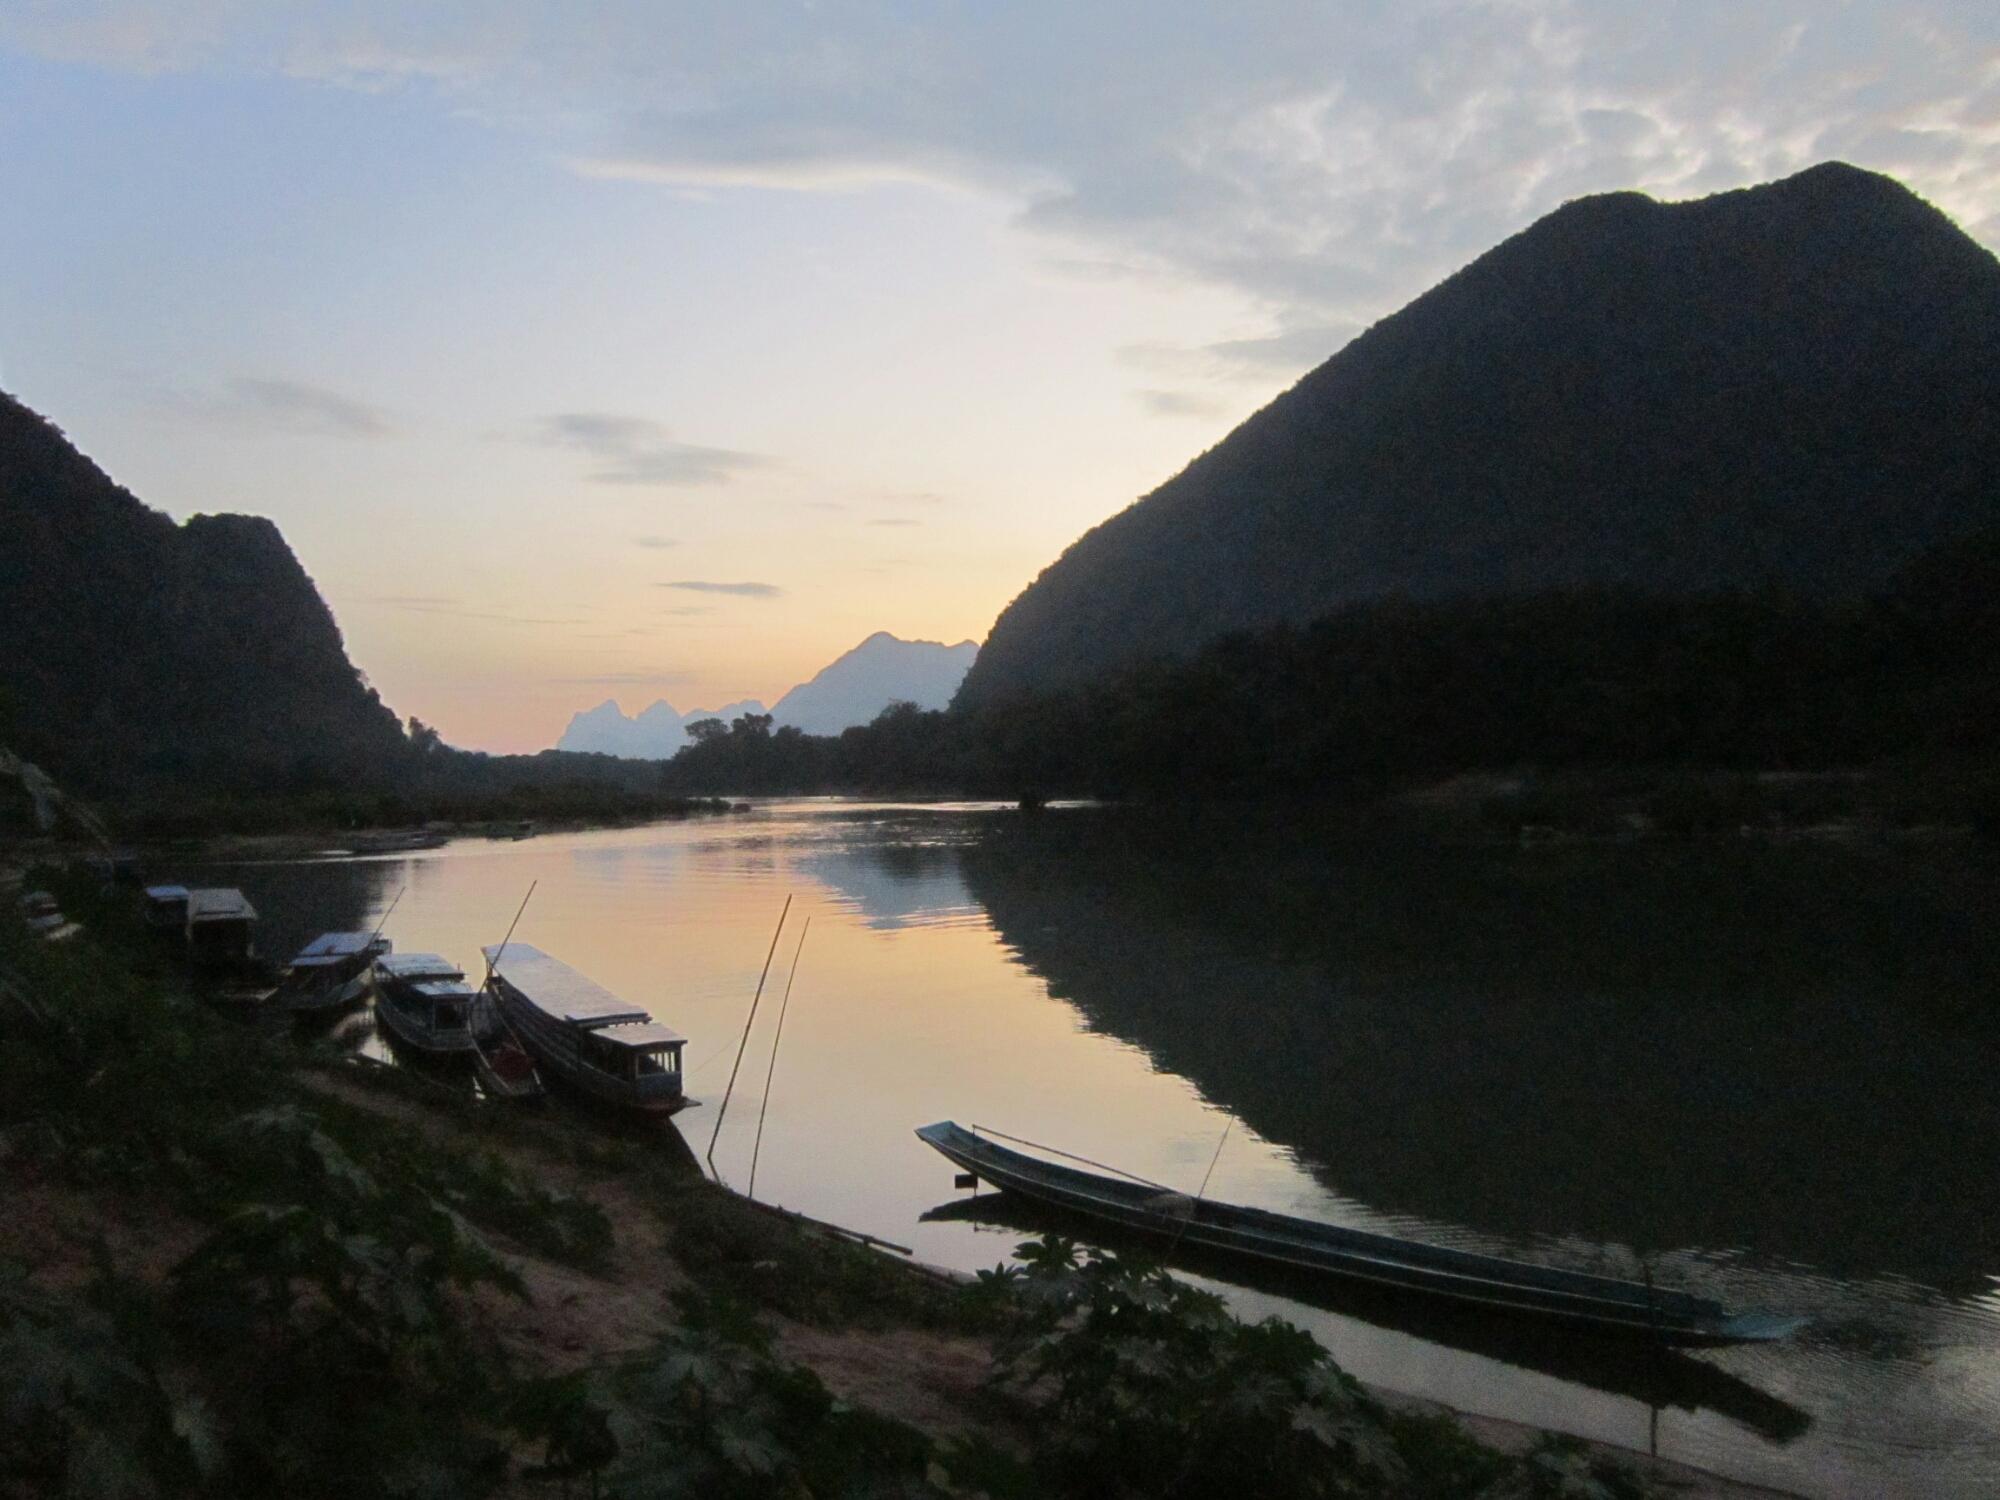 Dusk in Muang Ngoi Neua, Laos